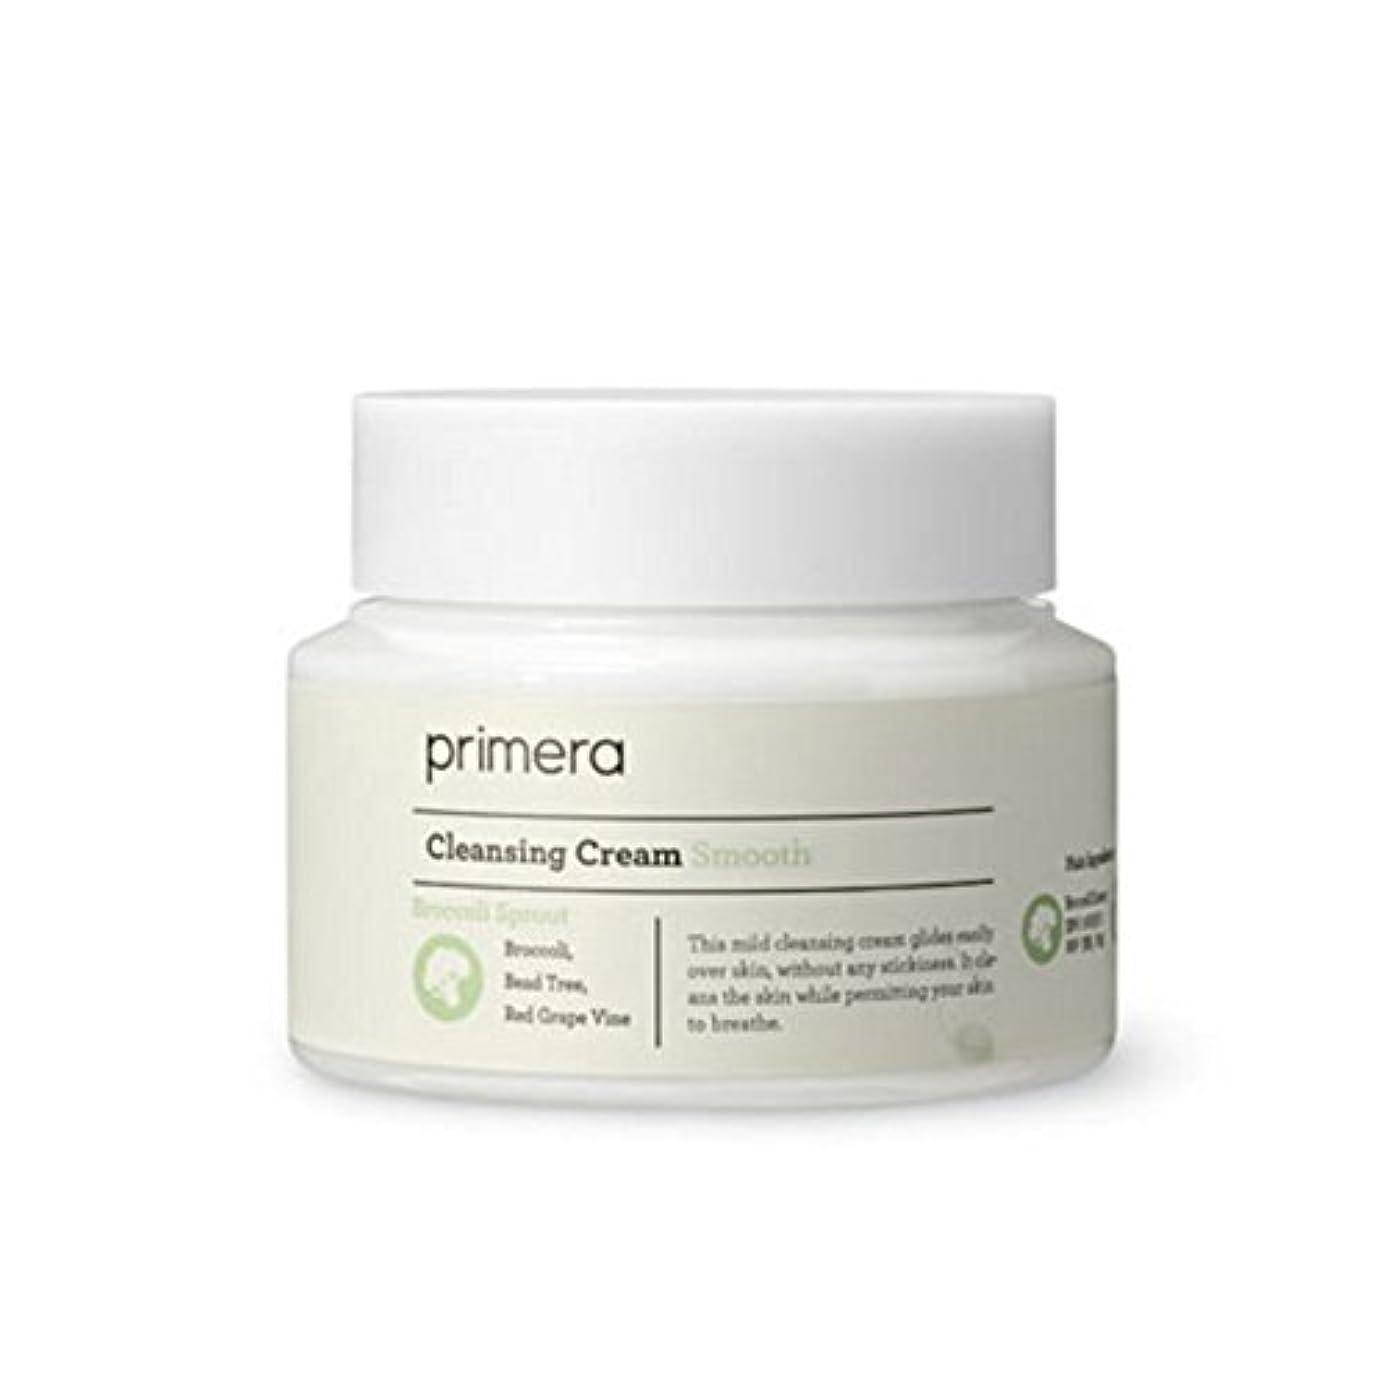 小競り合い考えまろやかな【プリメーラ】 PRIMERA Smooth Cleansing Cream スムース クレンジングクリーム 【韓国直送品】 OOPSPANDA